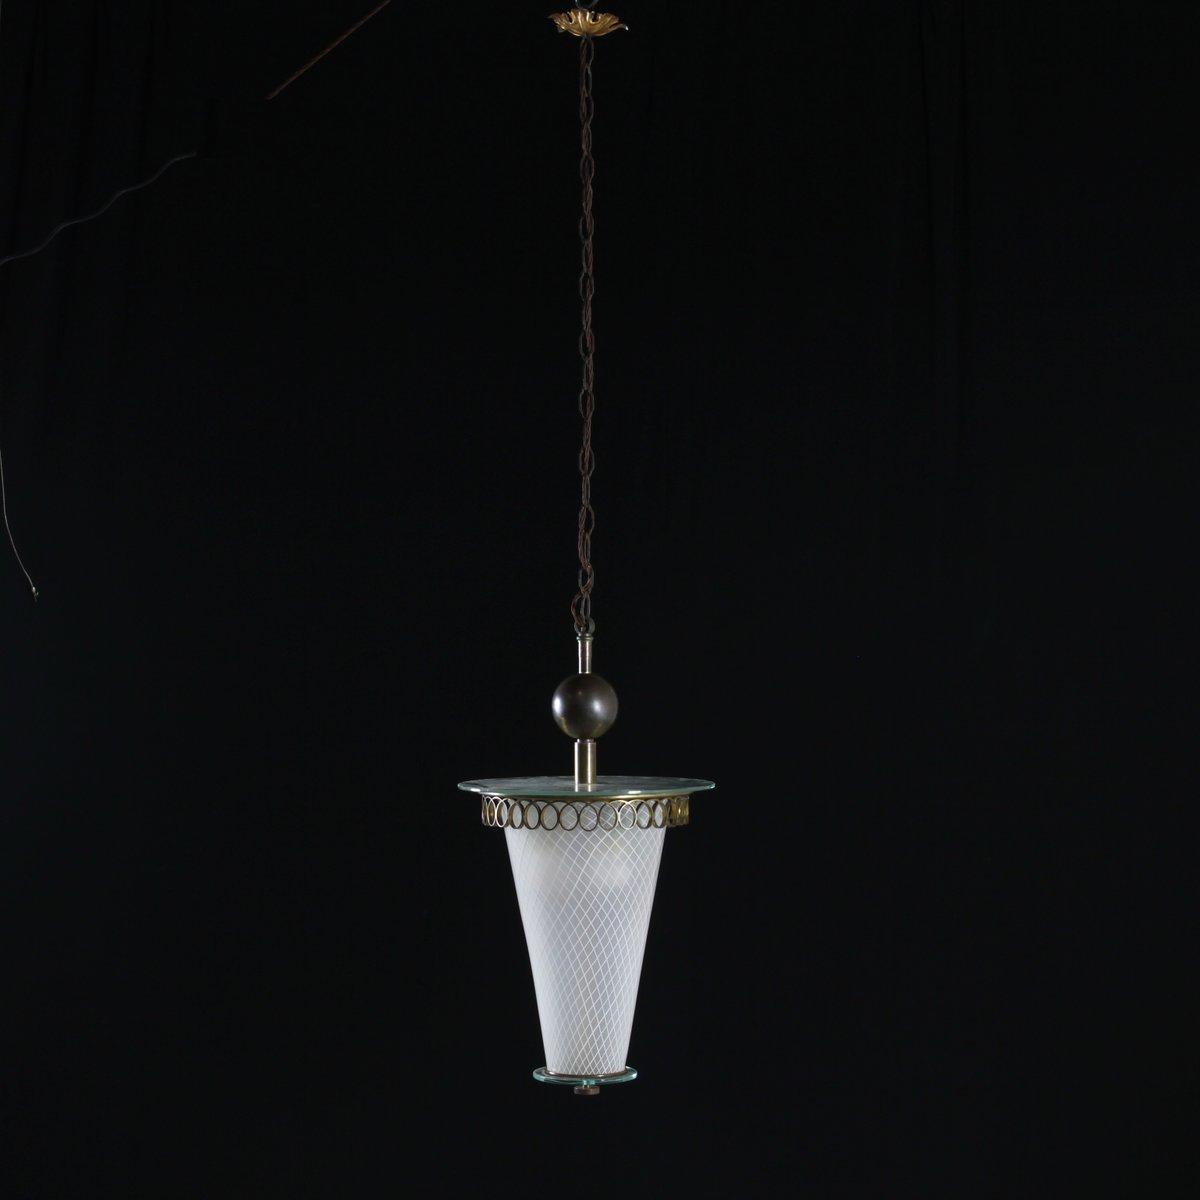 Lampada vintage in ottone e vetro decorato, Italia, anni '50 in vendita su Pamono